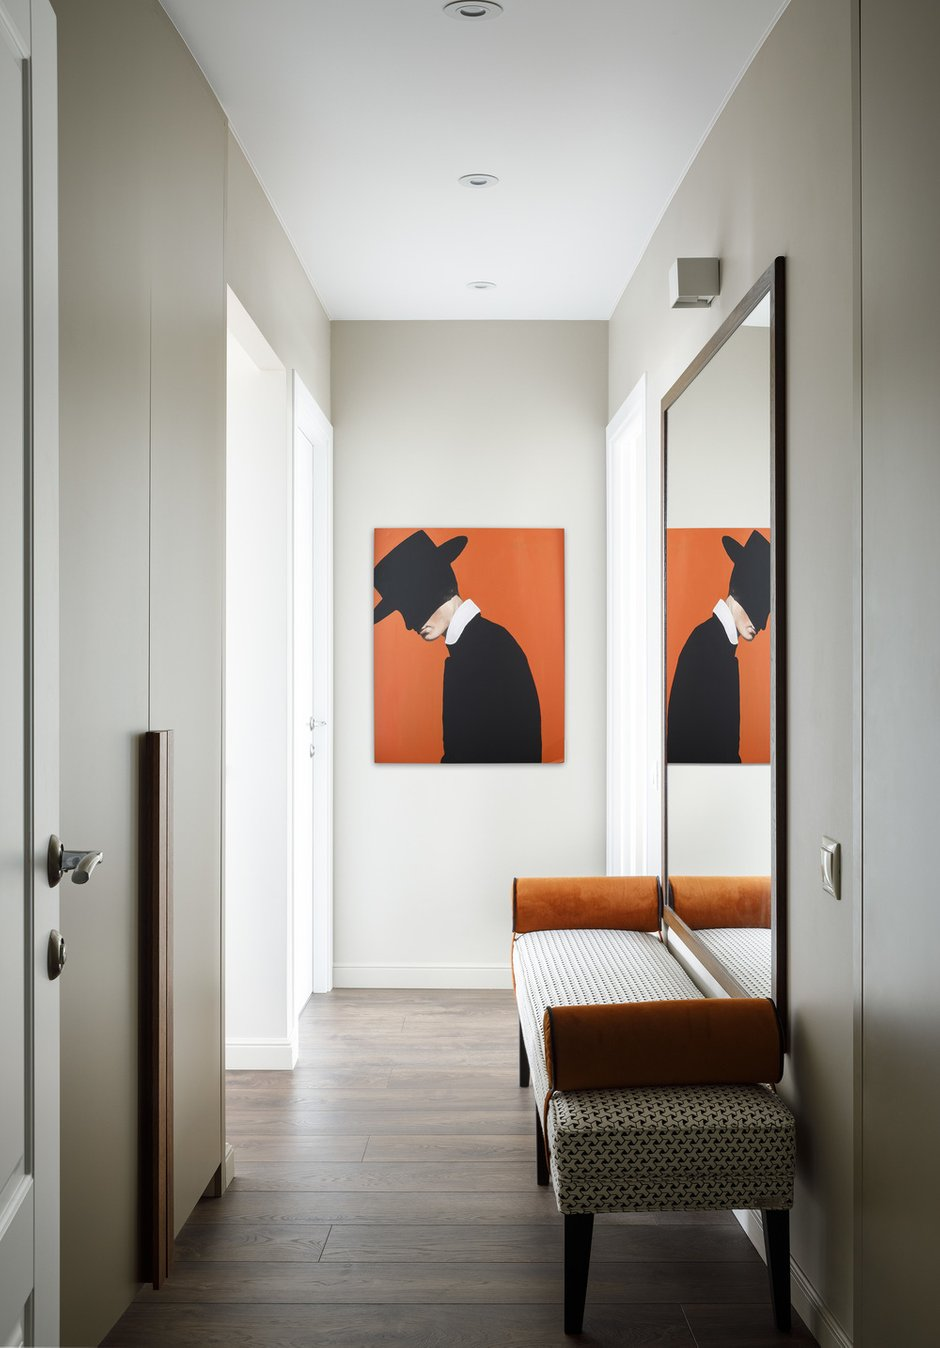 Фотография: Прихожая в стиле Современный, Квартира, Проект недели, Москва, Панельный дом, 2 комнаты, 40-60 метров, Светлана Капустина – фото на INMYROOM